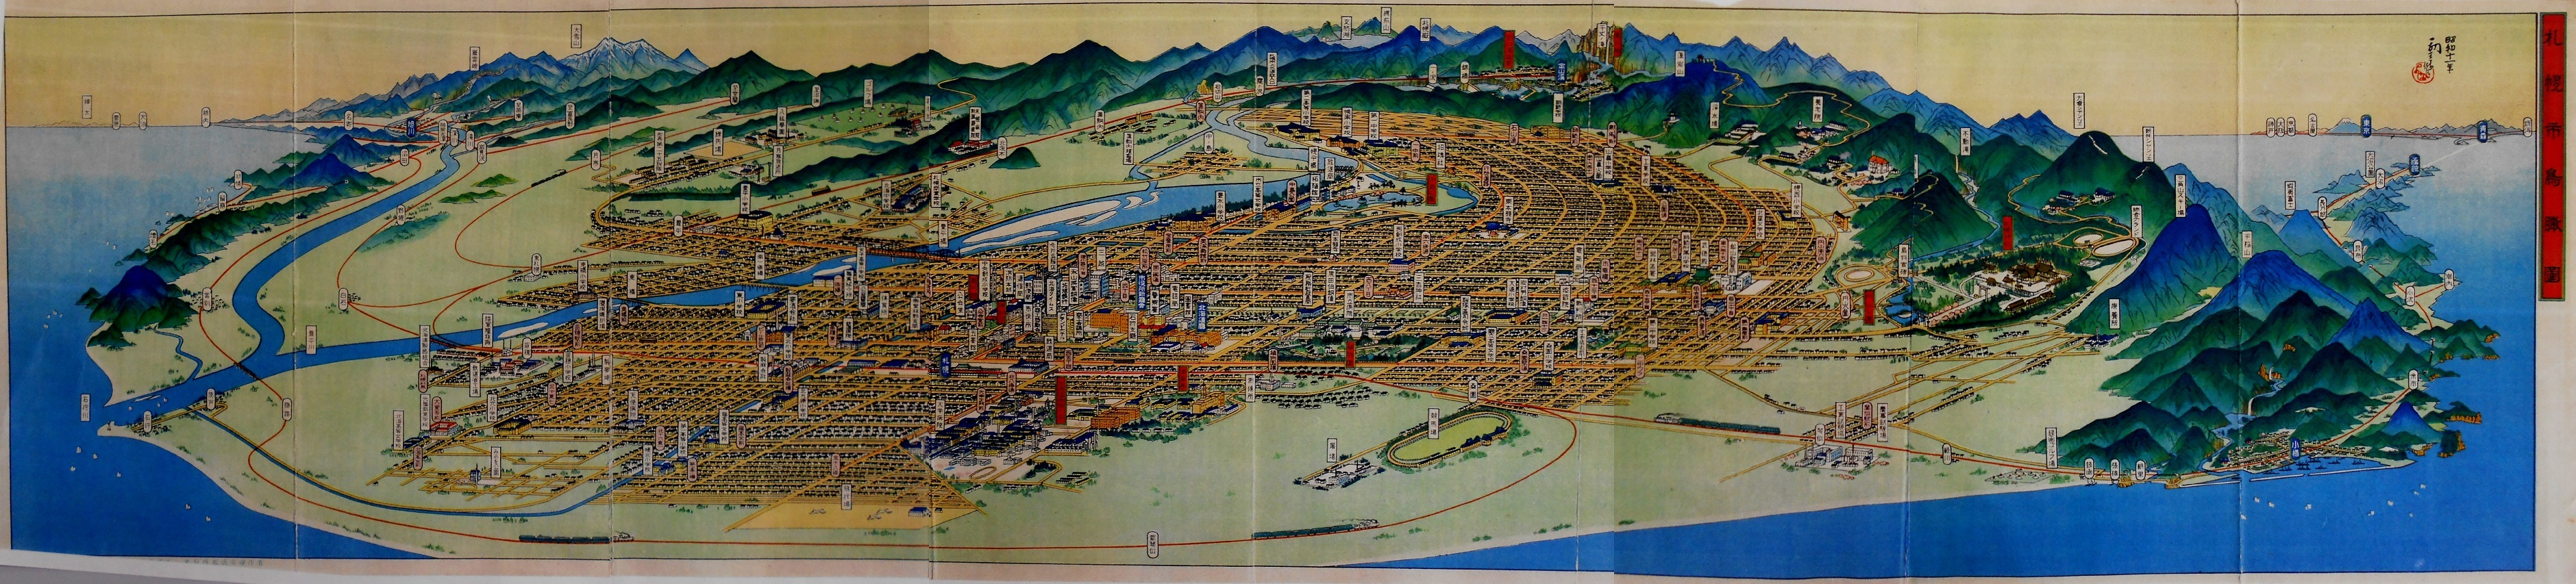 吉田初三郎 札幌市鳥瞰図 1936年